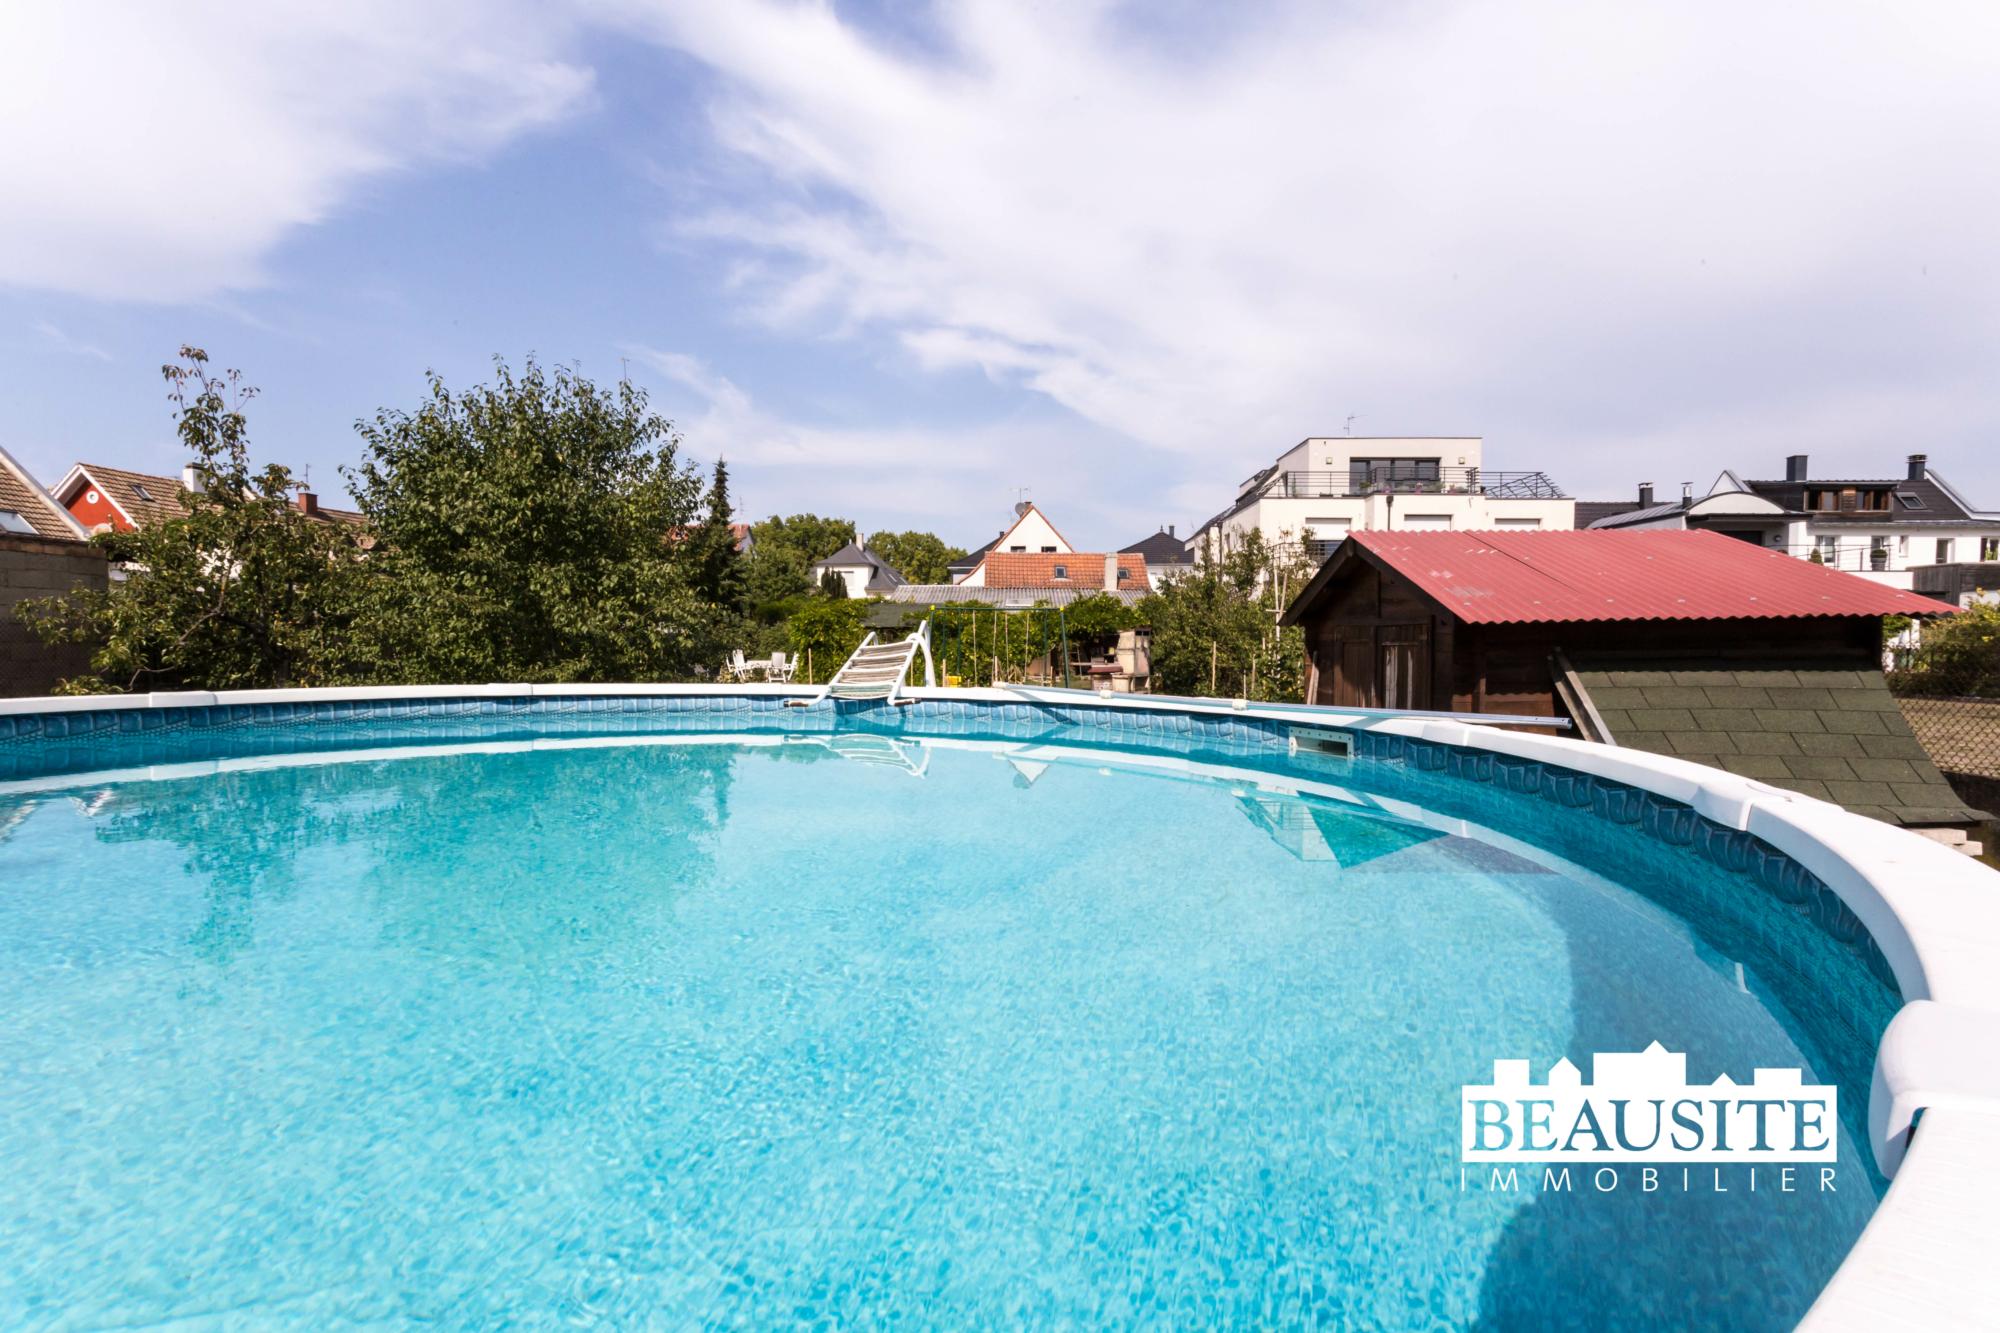 [César] Charmante maison avec piscine sur 16 ares - Robertsau centre - nos ventes - Beausite Immobilier 1